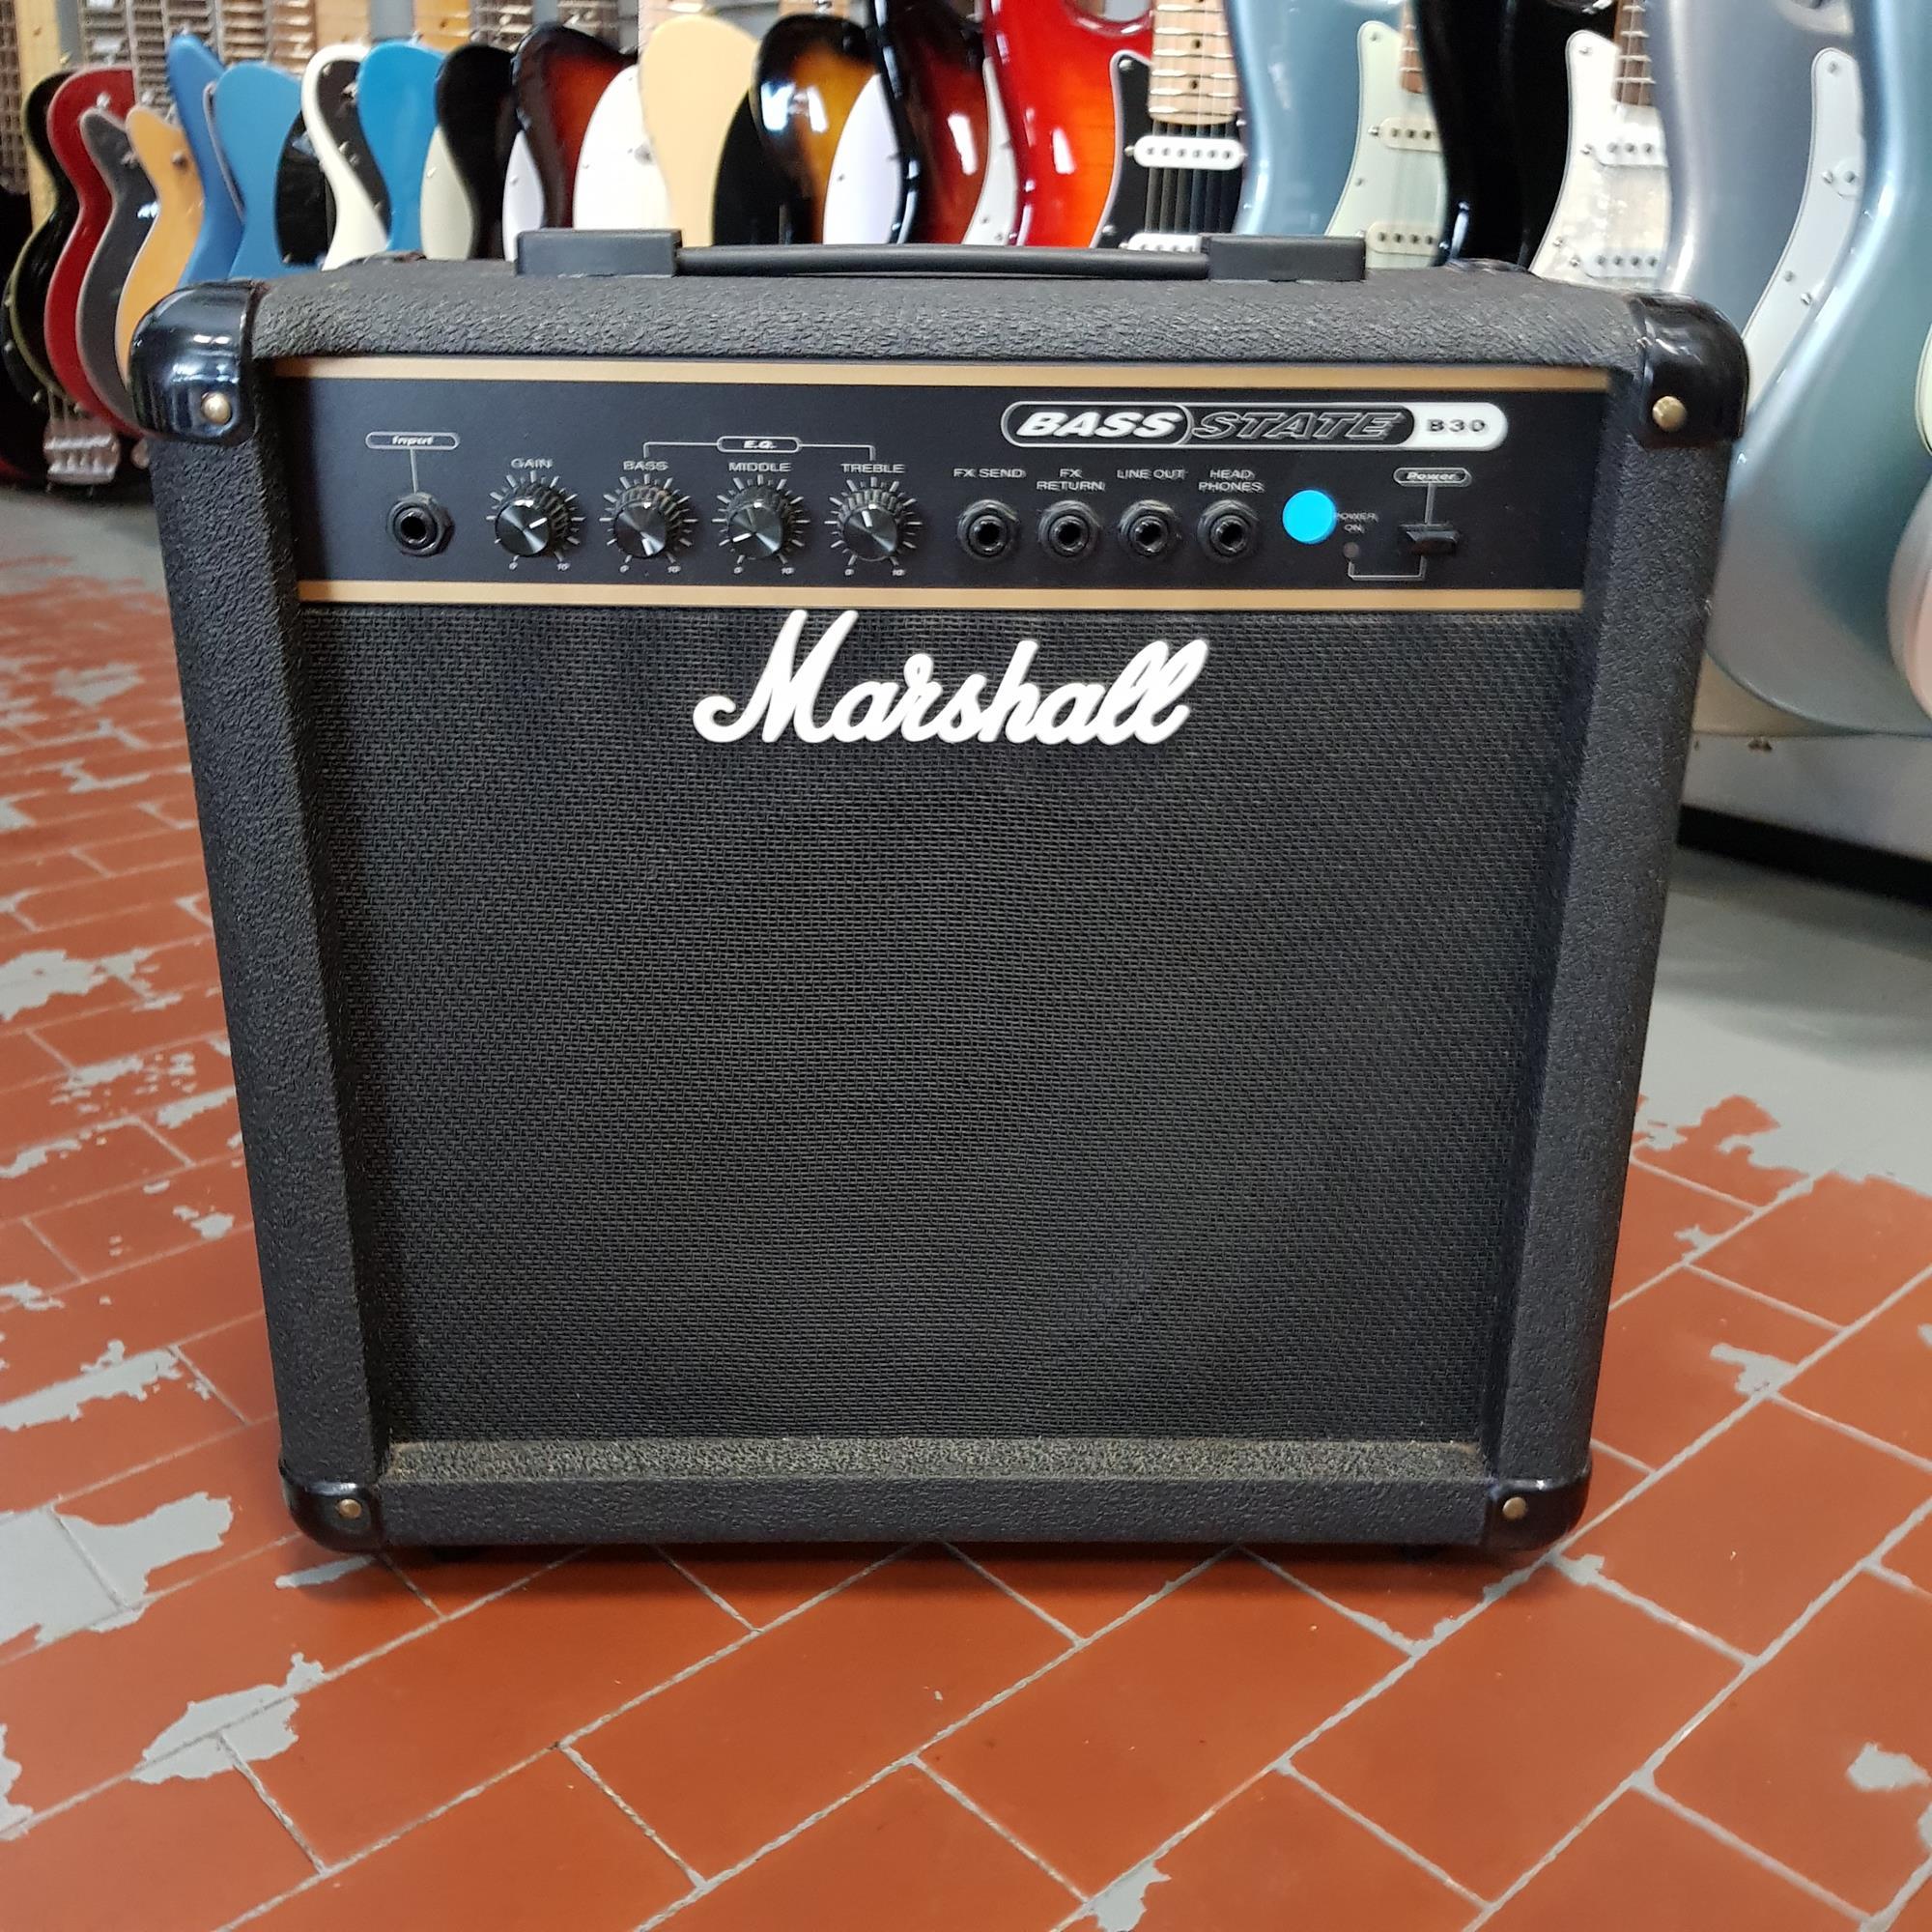 MARSHALL-B-30-sku-1627747139965